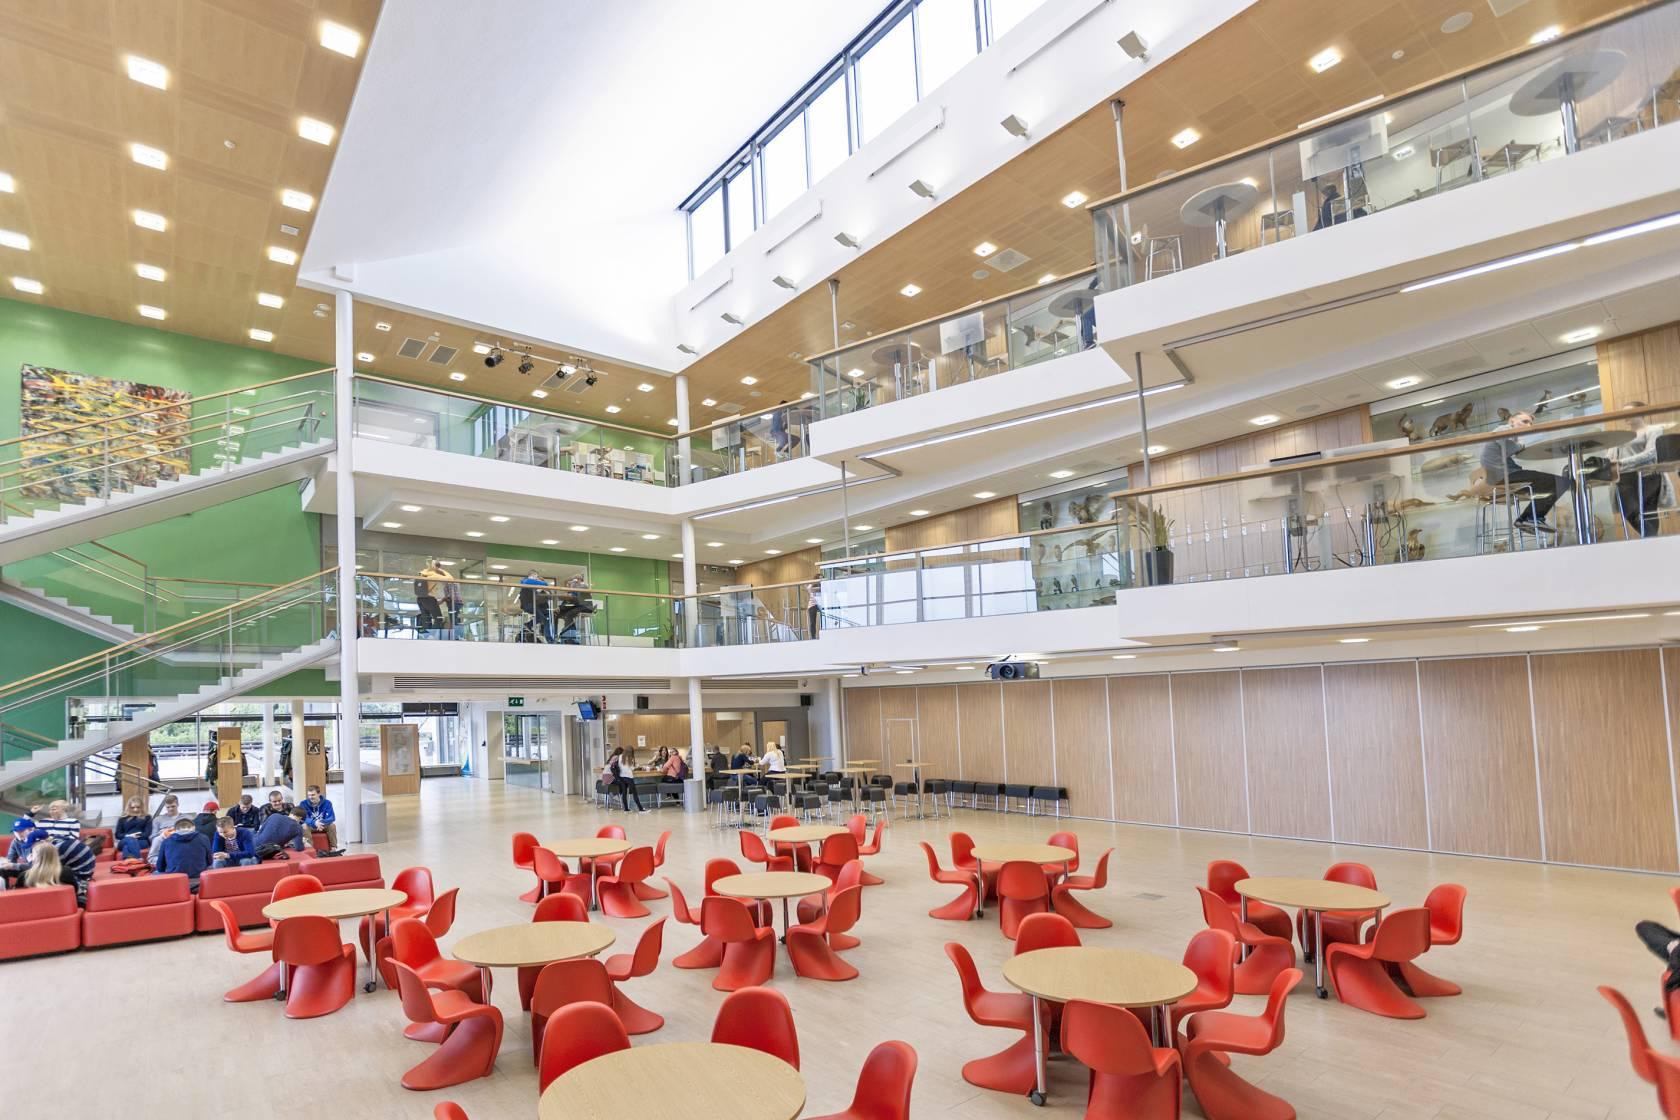 Valkeakosken Tietotien lukion aula